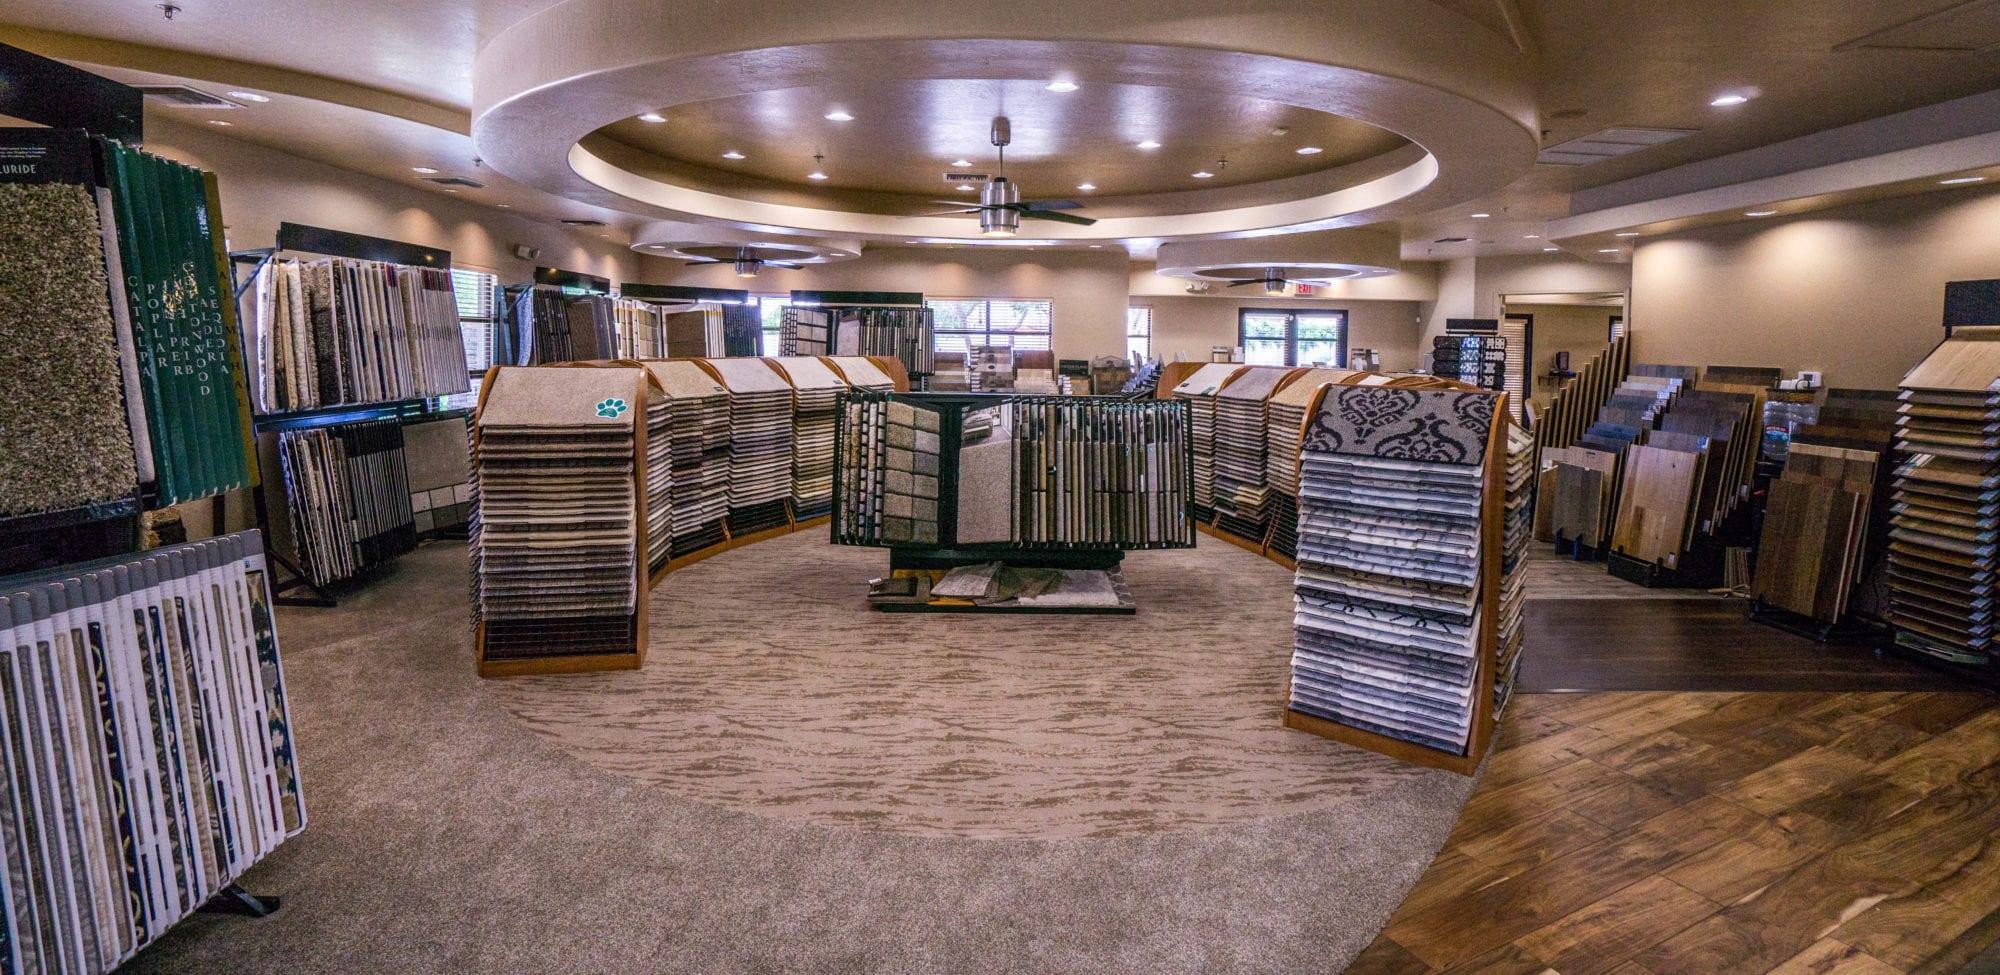 15215 S. 48th St. Suite 185 Phoenix, AZ 85044